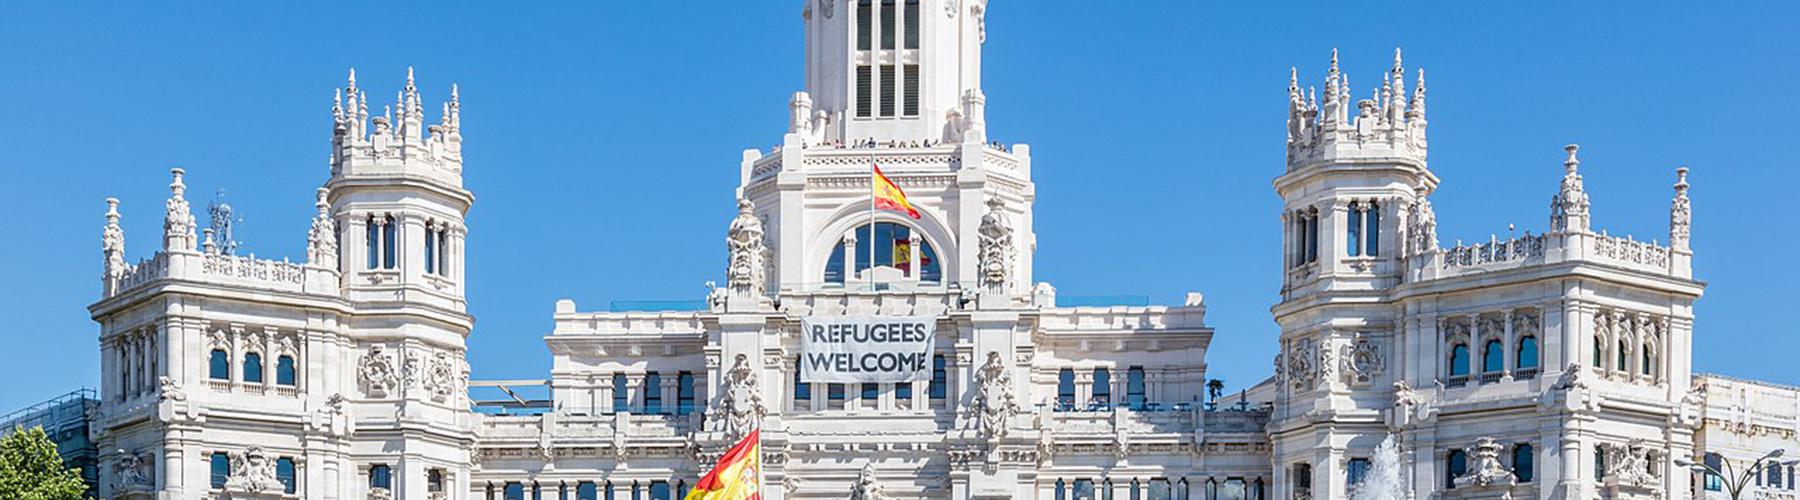 Madrid – Hostellit lähellä Plaza de Cibeles. Madrid -karttoja, valokuvia ja arvosteluja kaikista Madrid -hostelleista.